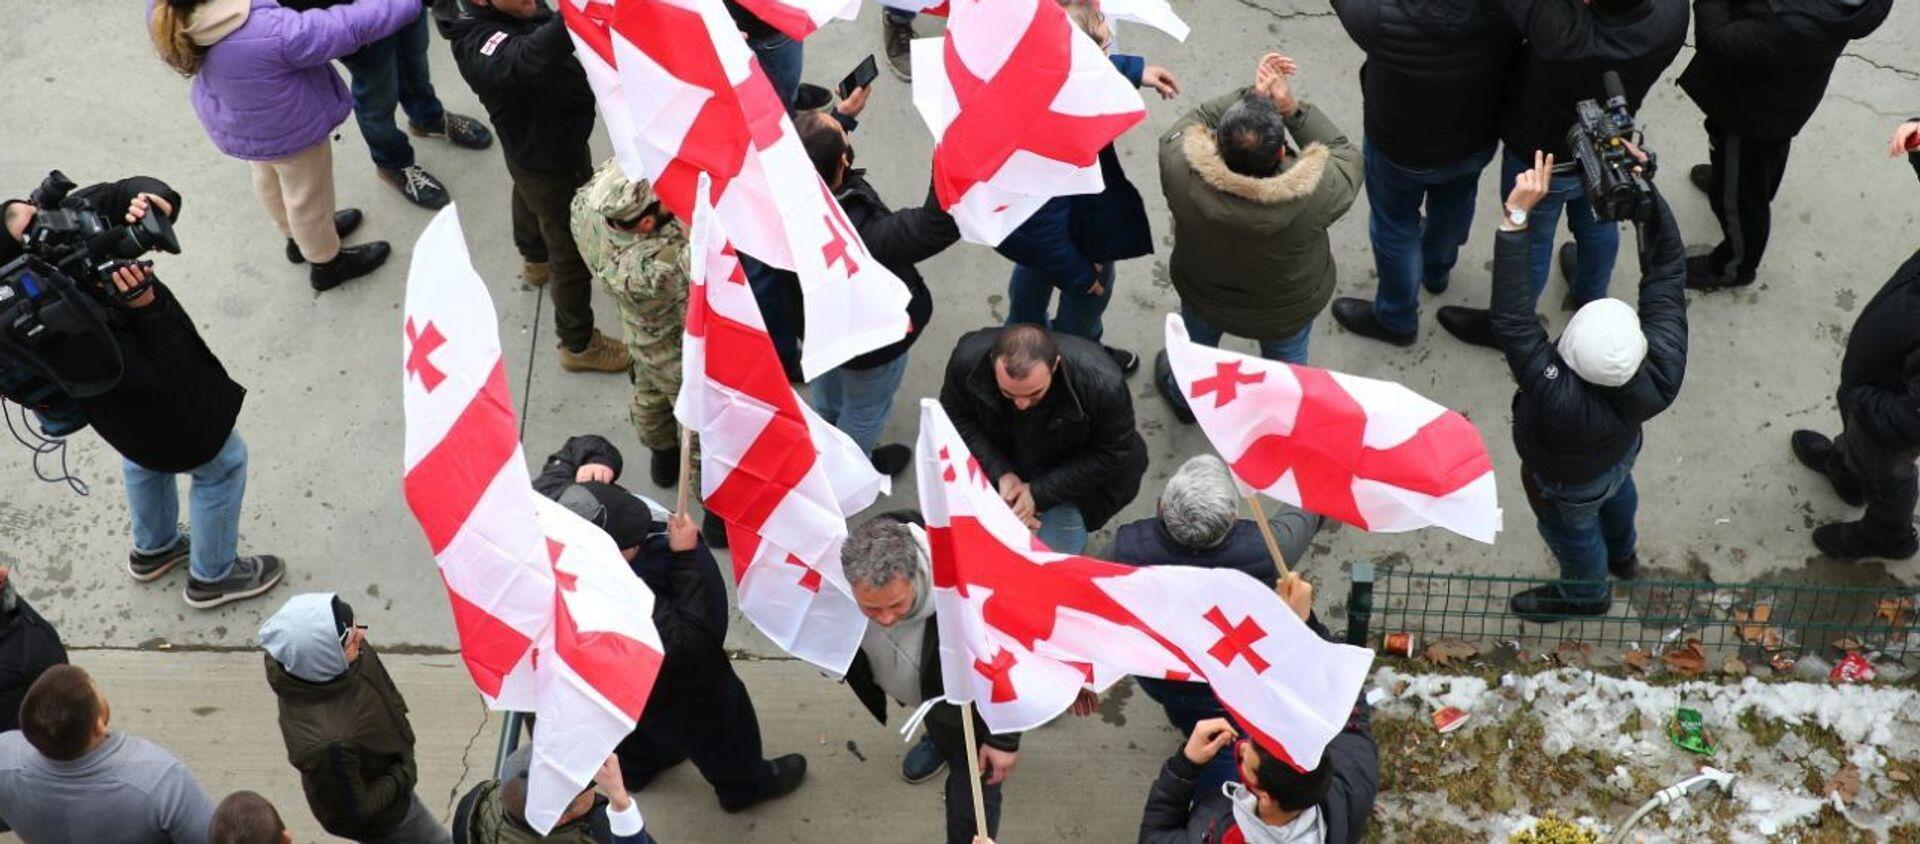 Сторонники ЕНД у офиса Единого нацдвижения 18 февраля 2021 года радуются отставке Гахария - Sputnik Грузия, 1920